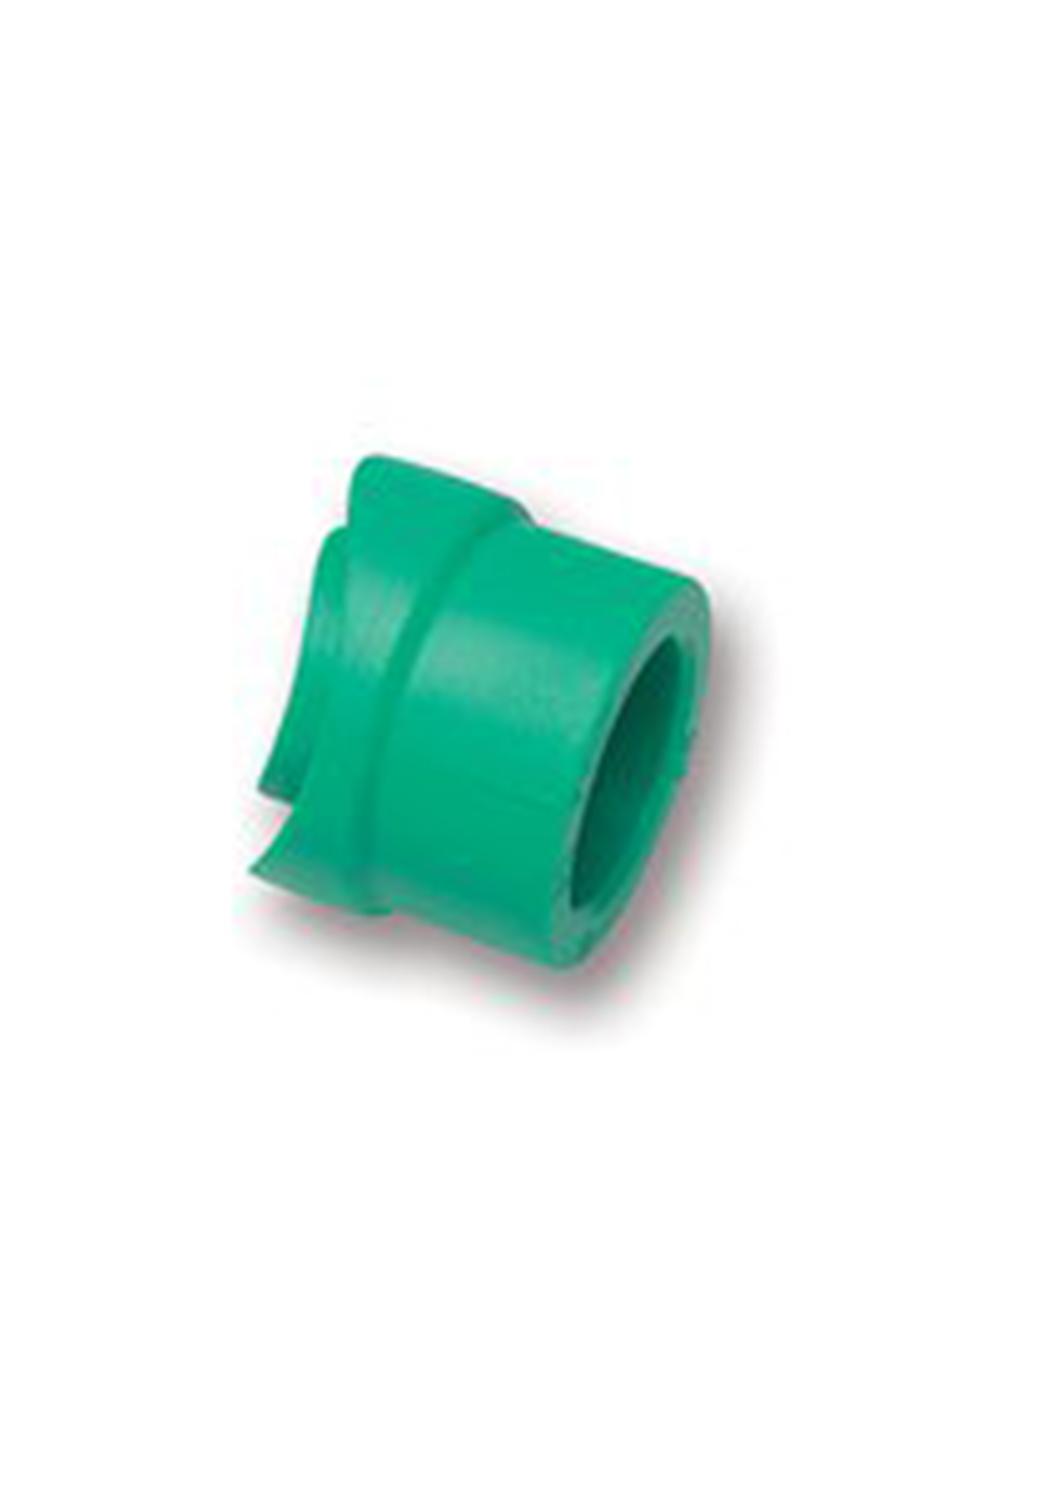 Fitting PPR Wavin Tigris Green Plastic Weld In Saddle 90mmx32mm | Al